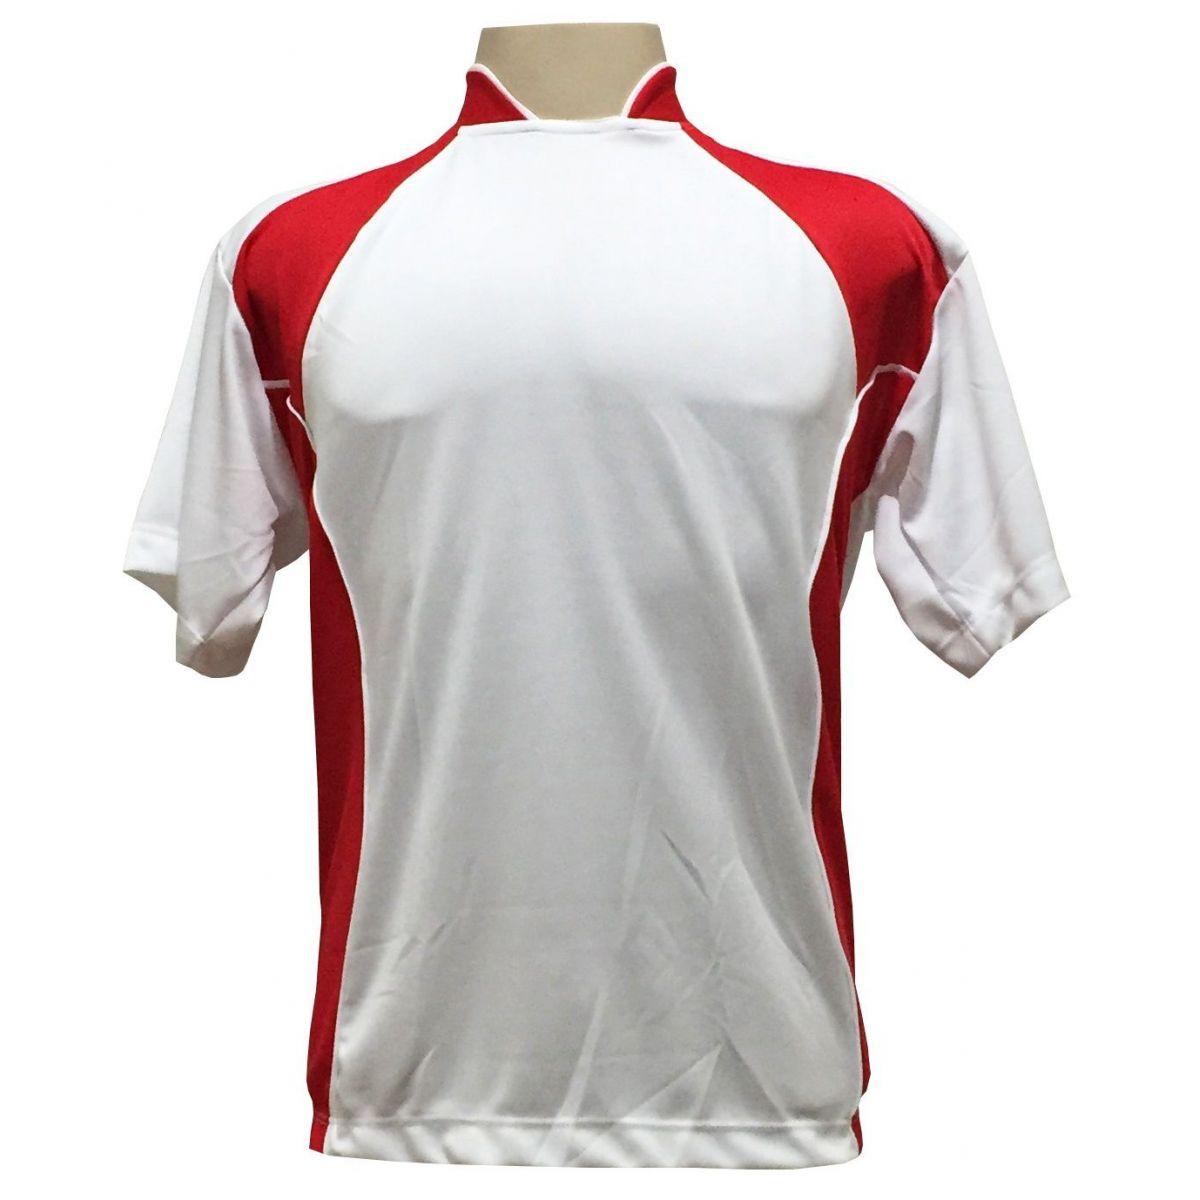 a095a8d424 ... Uniforme Esportivo com 14 camisas modelo Suécia Branco Vermelho + 14  calções modelo Madrid Branco ...